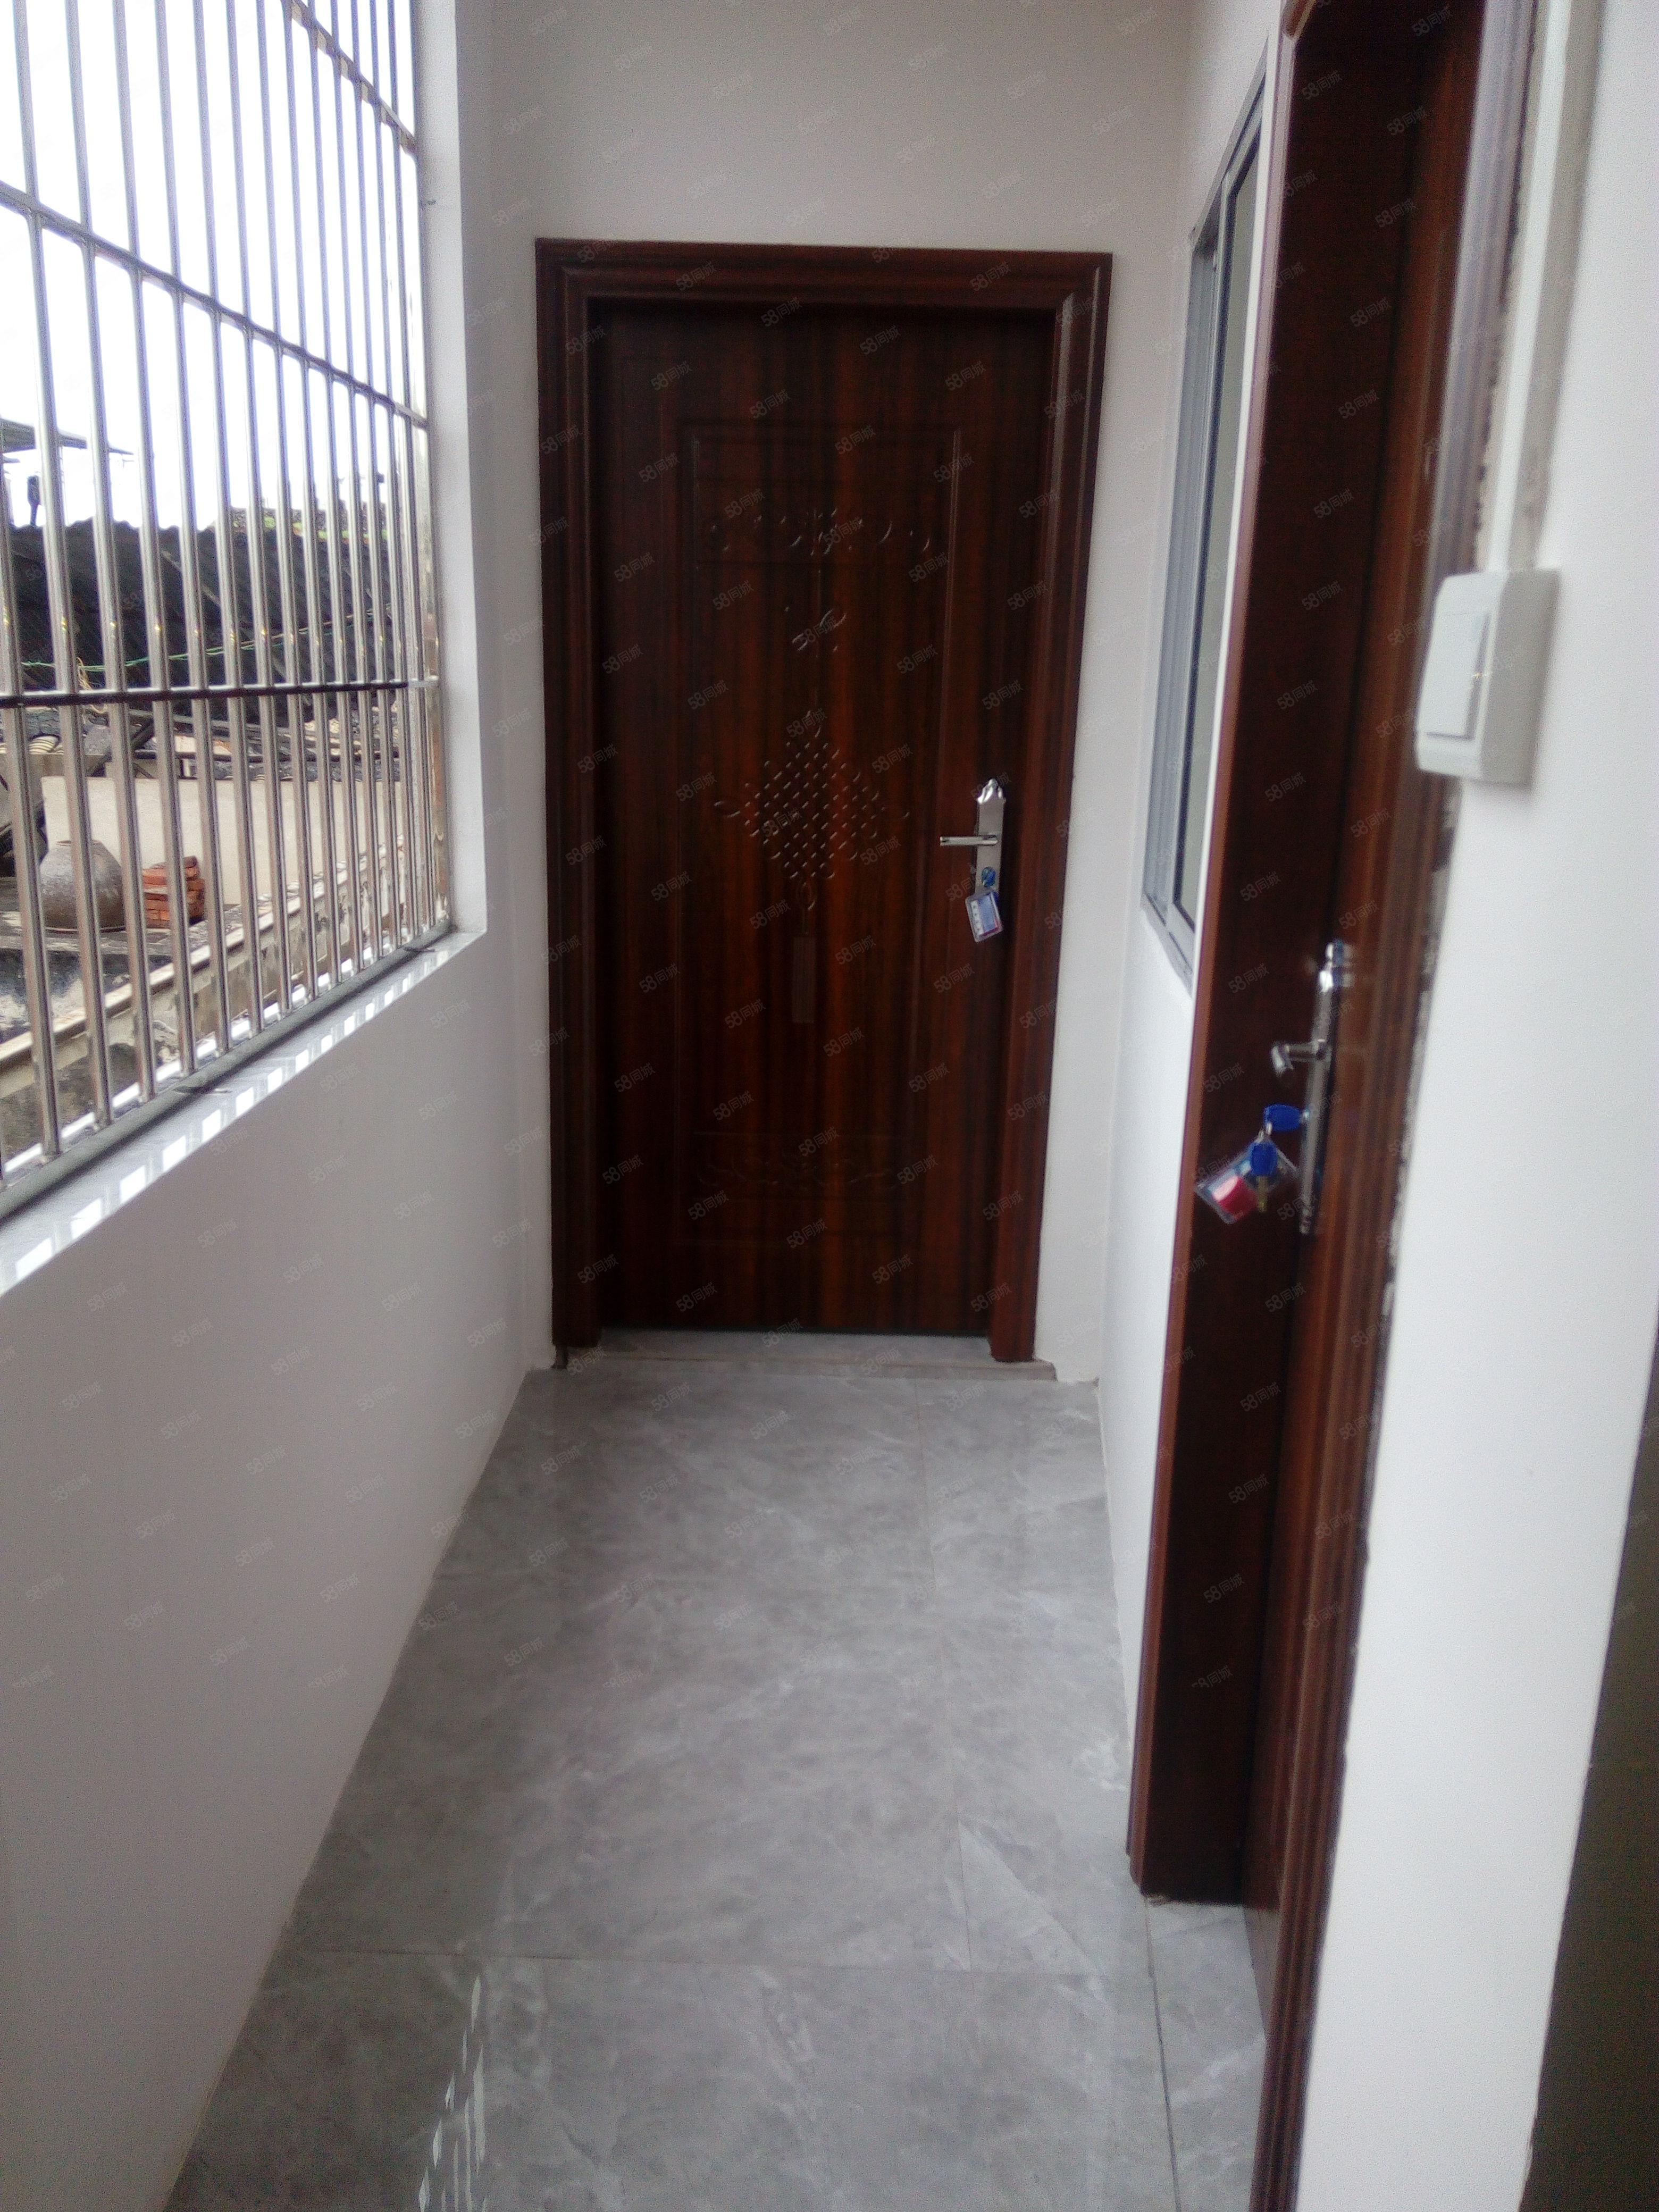 同行直手江北珍珠公园附近3层单体楼5房2厅29.8万出售